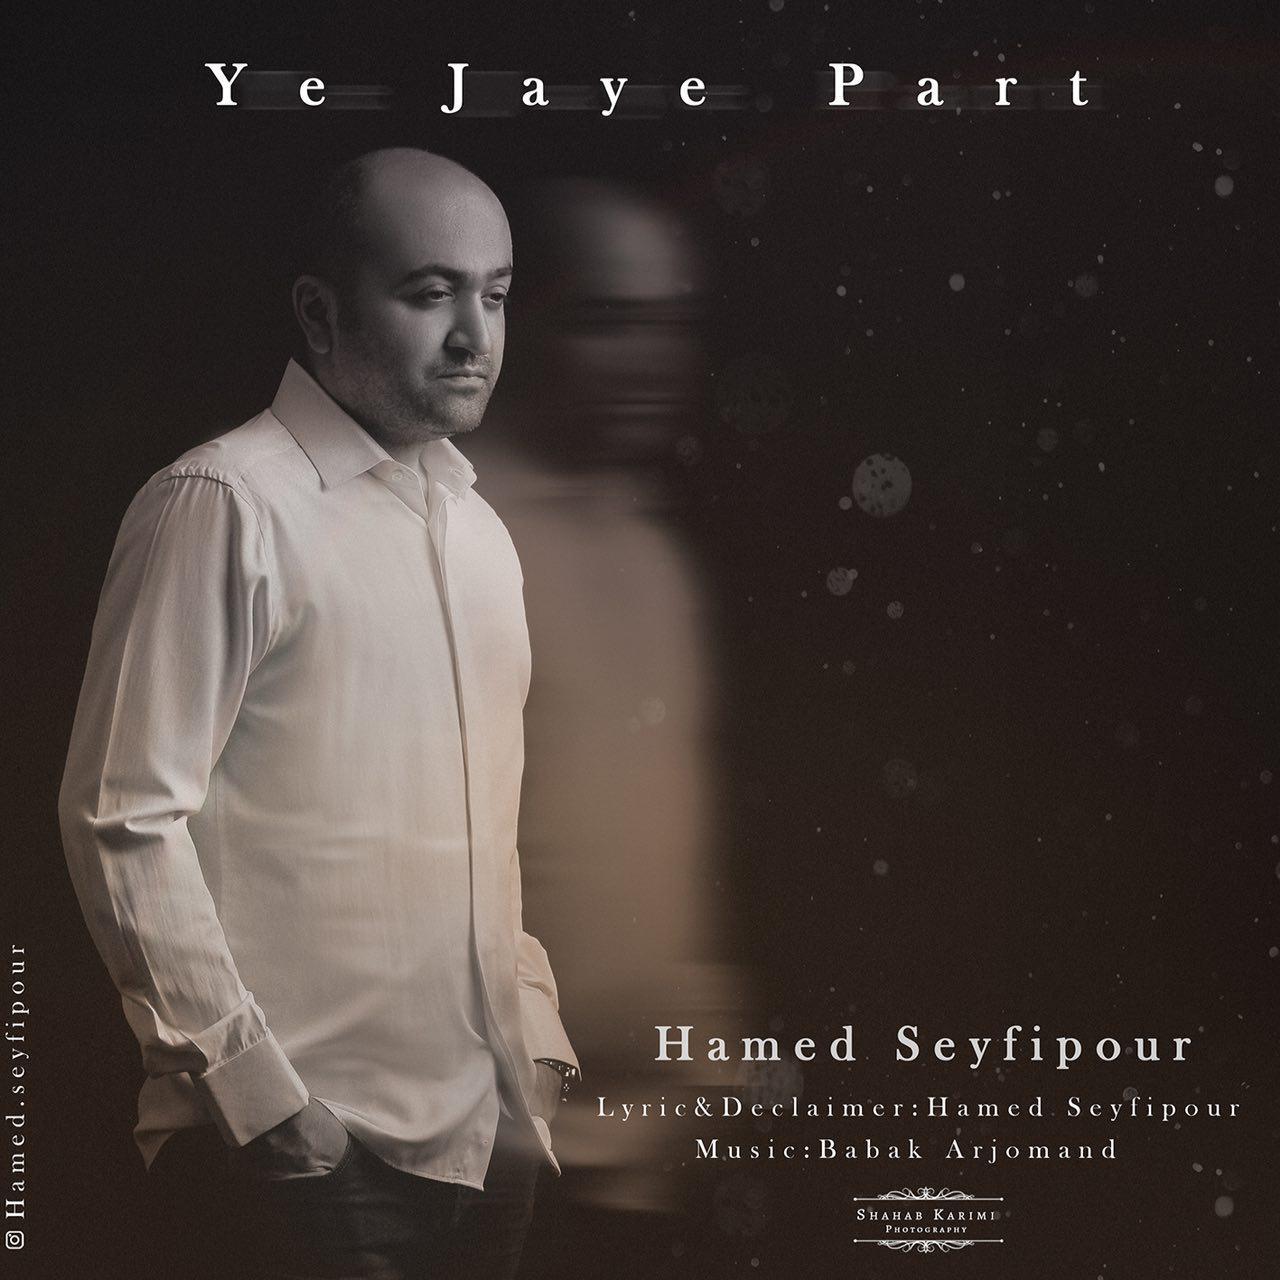 حامد سیفی پور به نام یه جای پرت